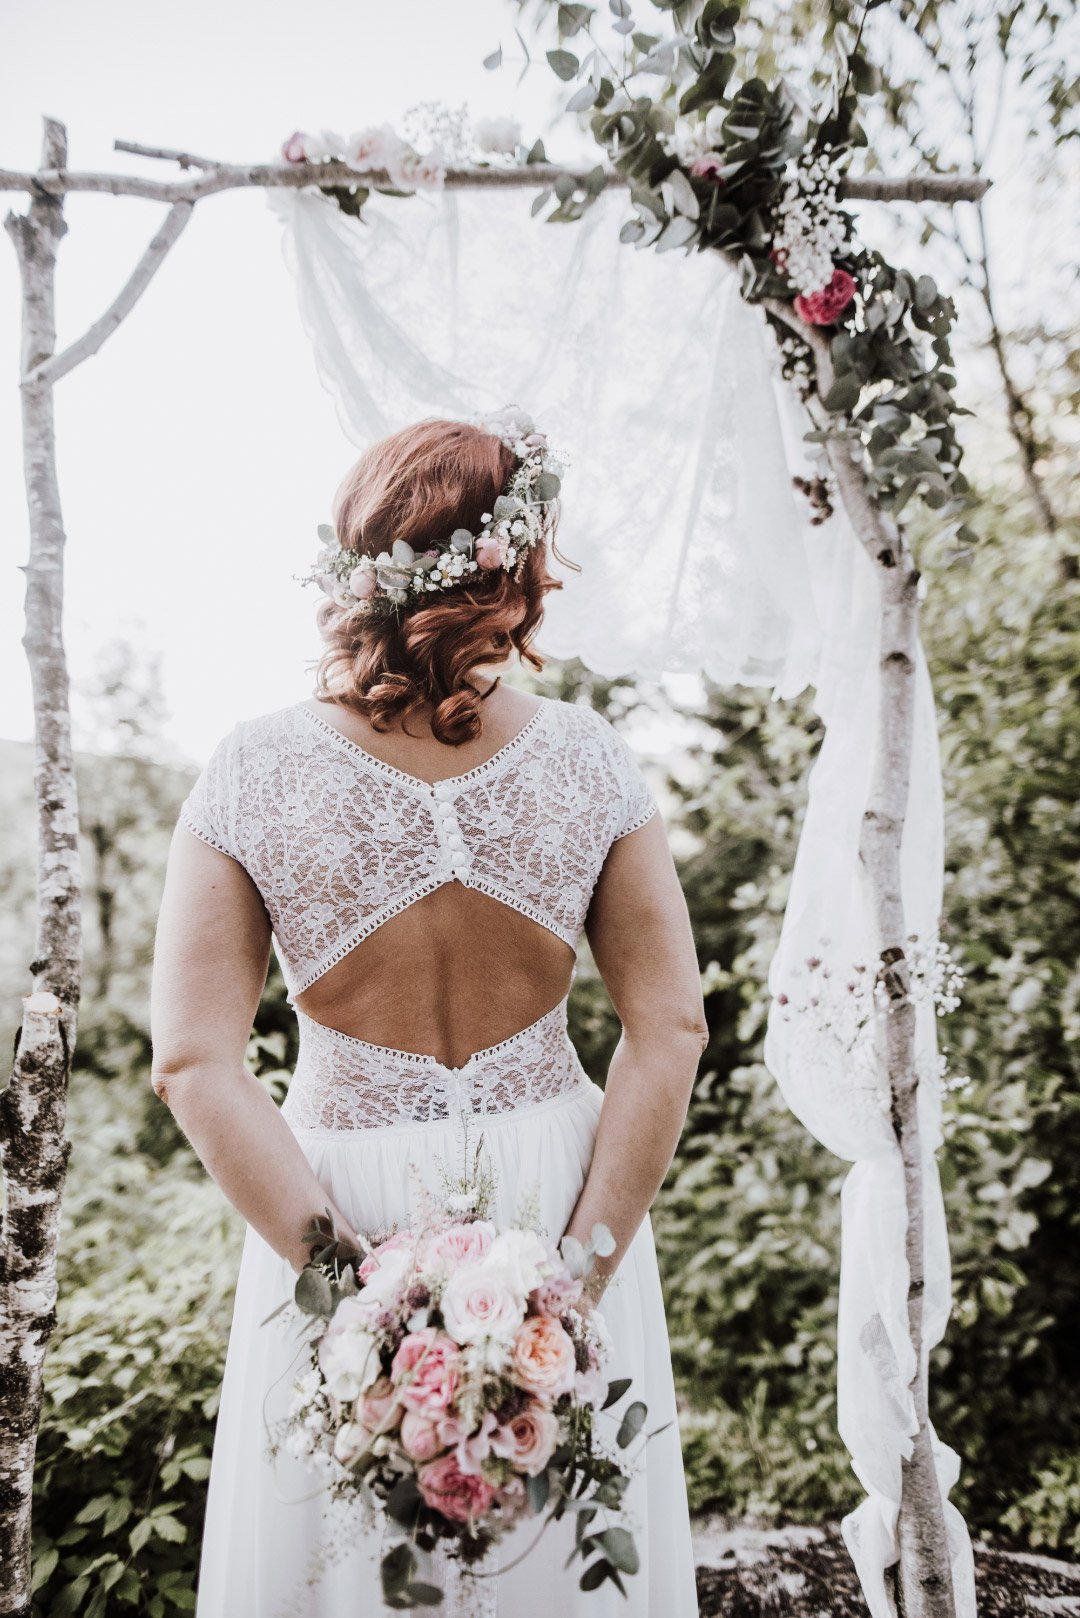 Braut im Brautkleid am Traubogen